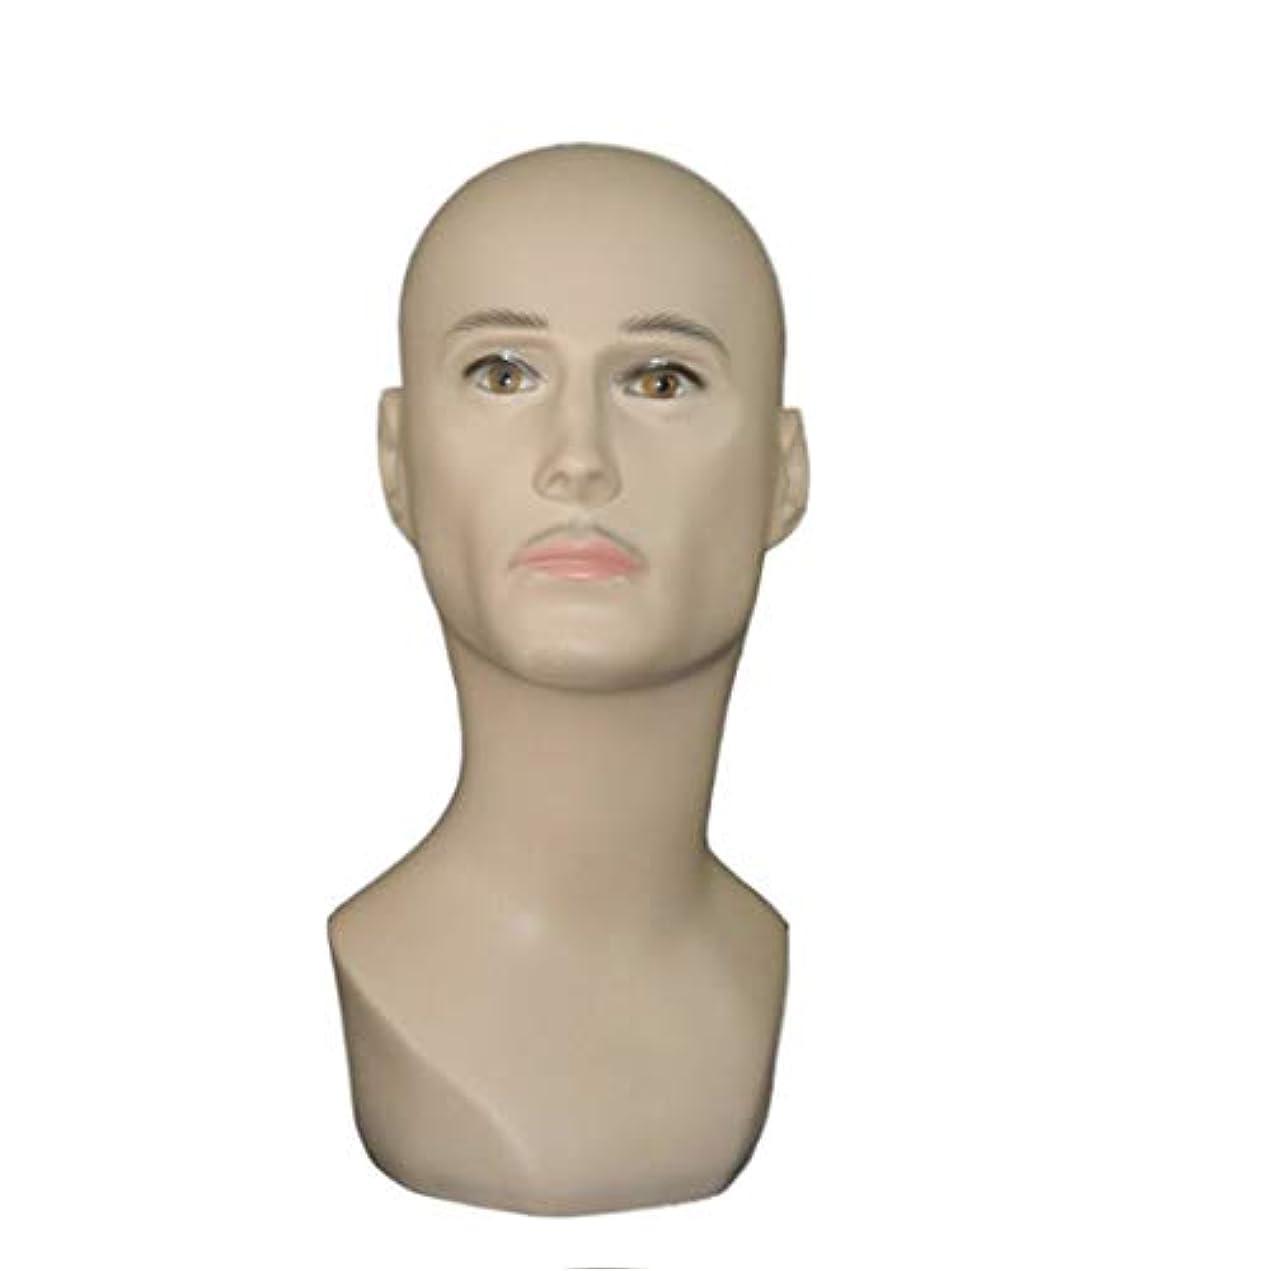 冷蔵する貴重な実際PVCヘッド型トレーニングマネキンフラットヘッド練習、ヘッド美容男性ヘッド型メガネ&caphatショーマネキンヘッド ヘアケア (Style : B)